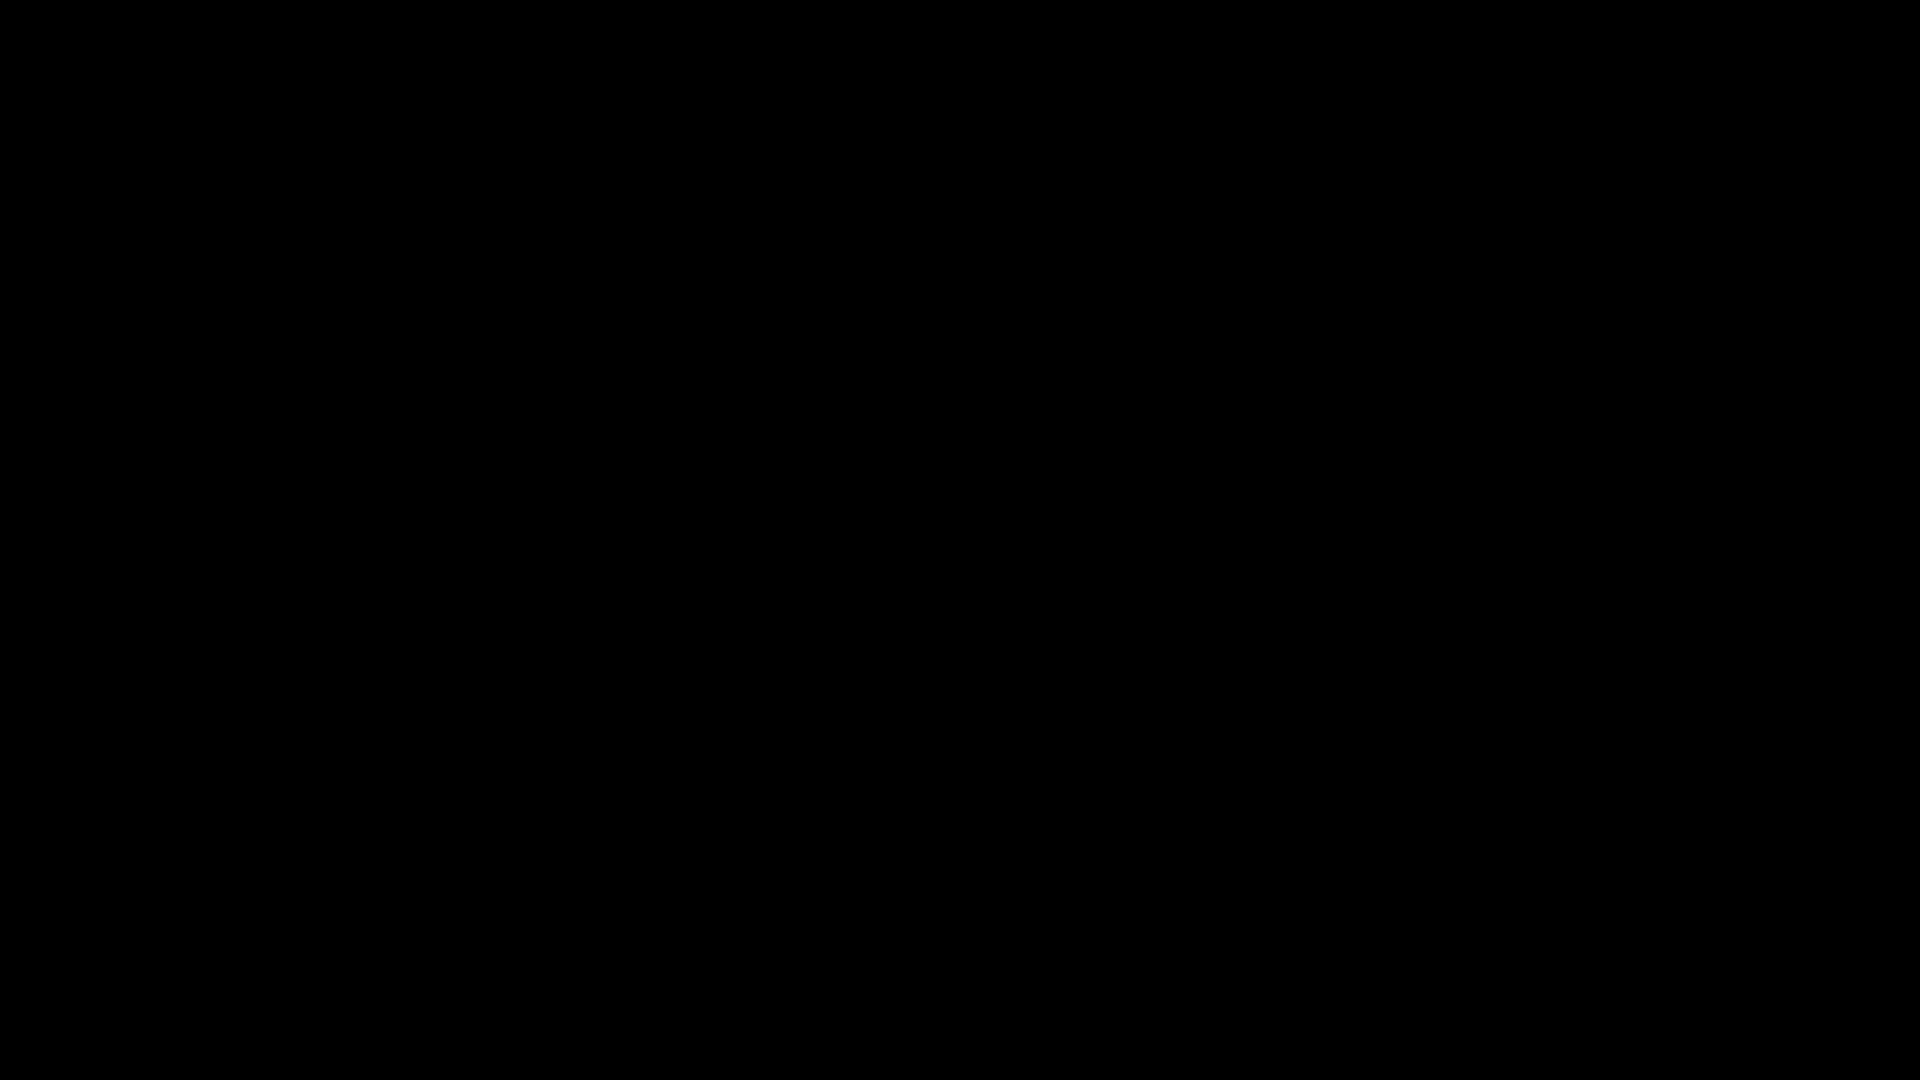 Sterylizacja ezy nad palnikiem